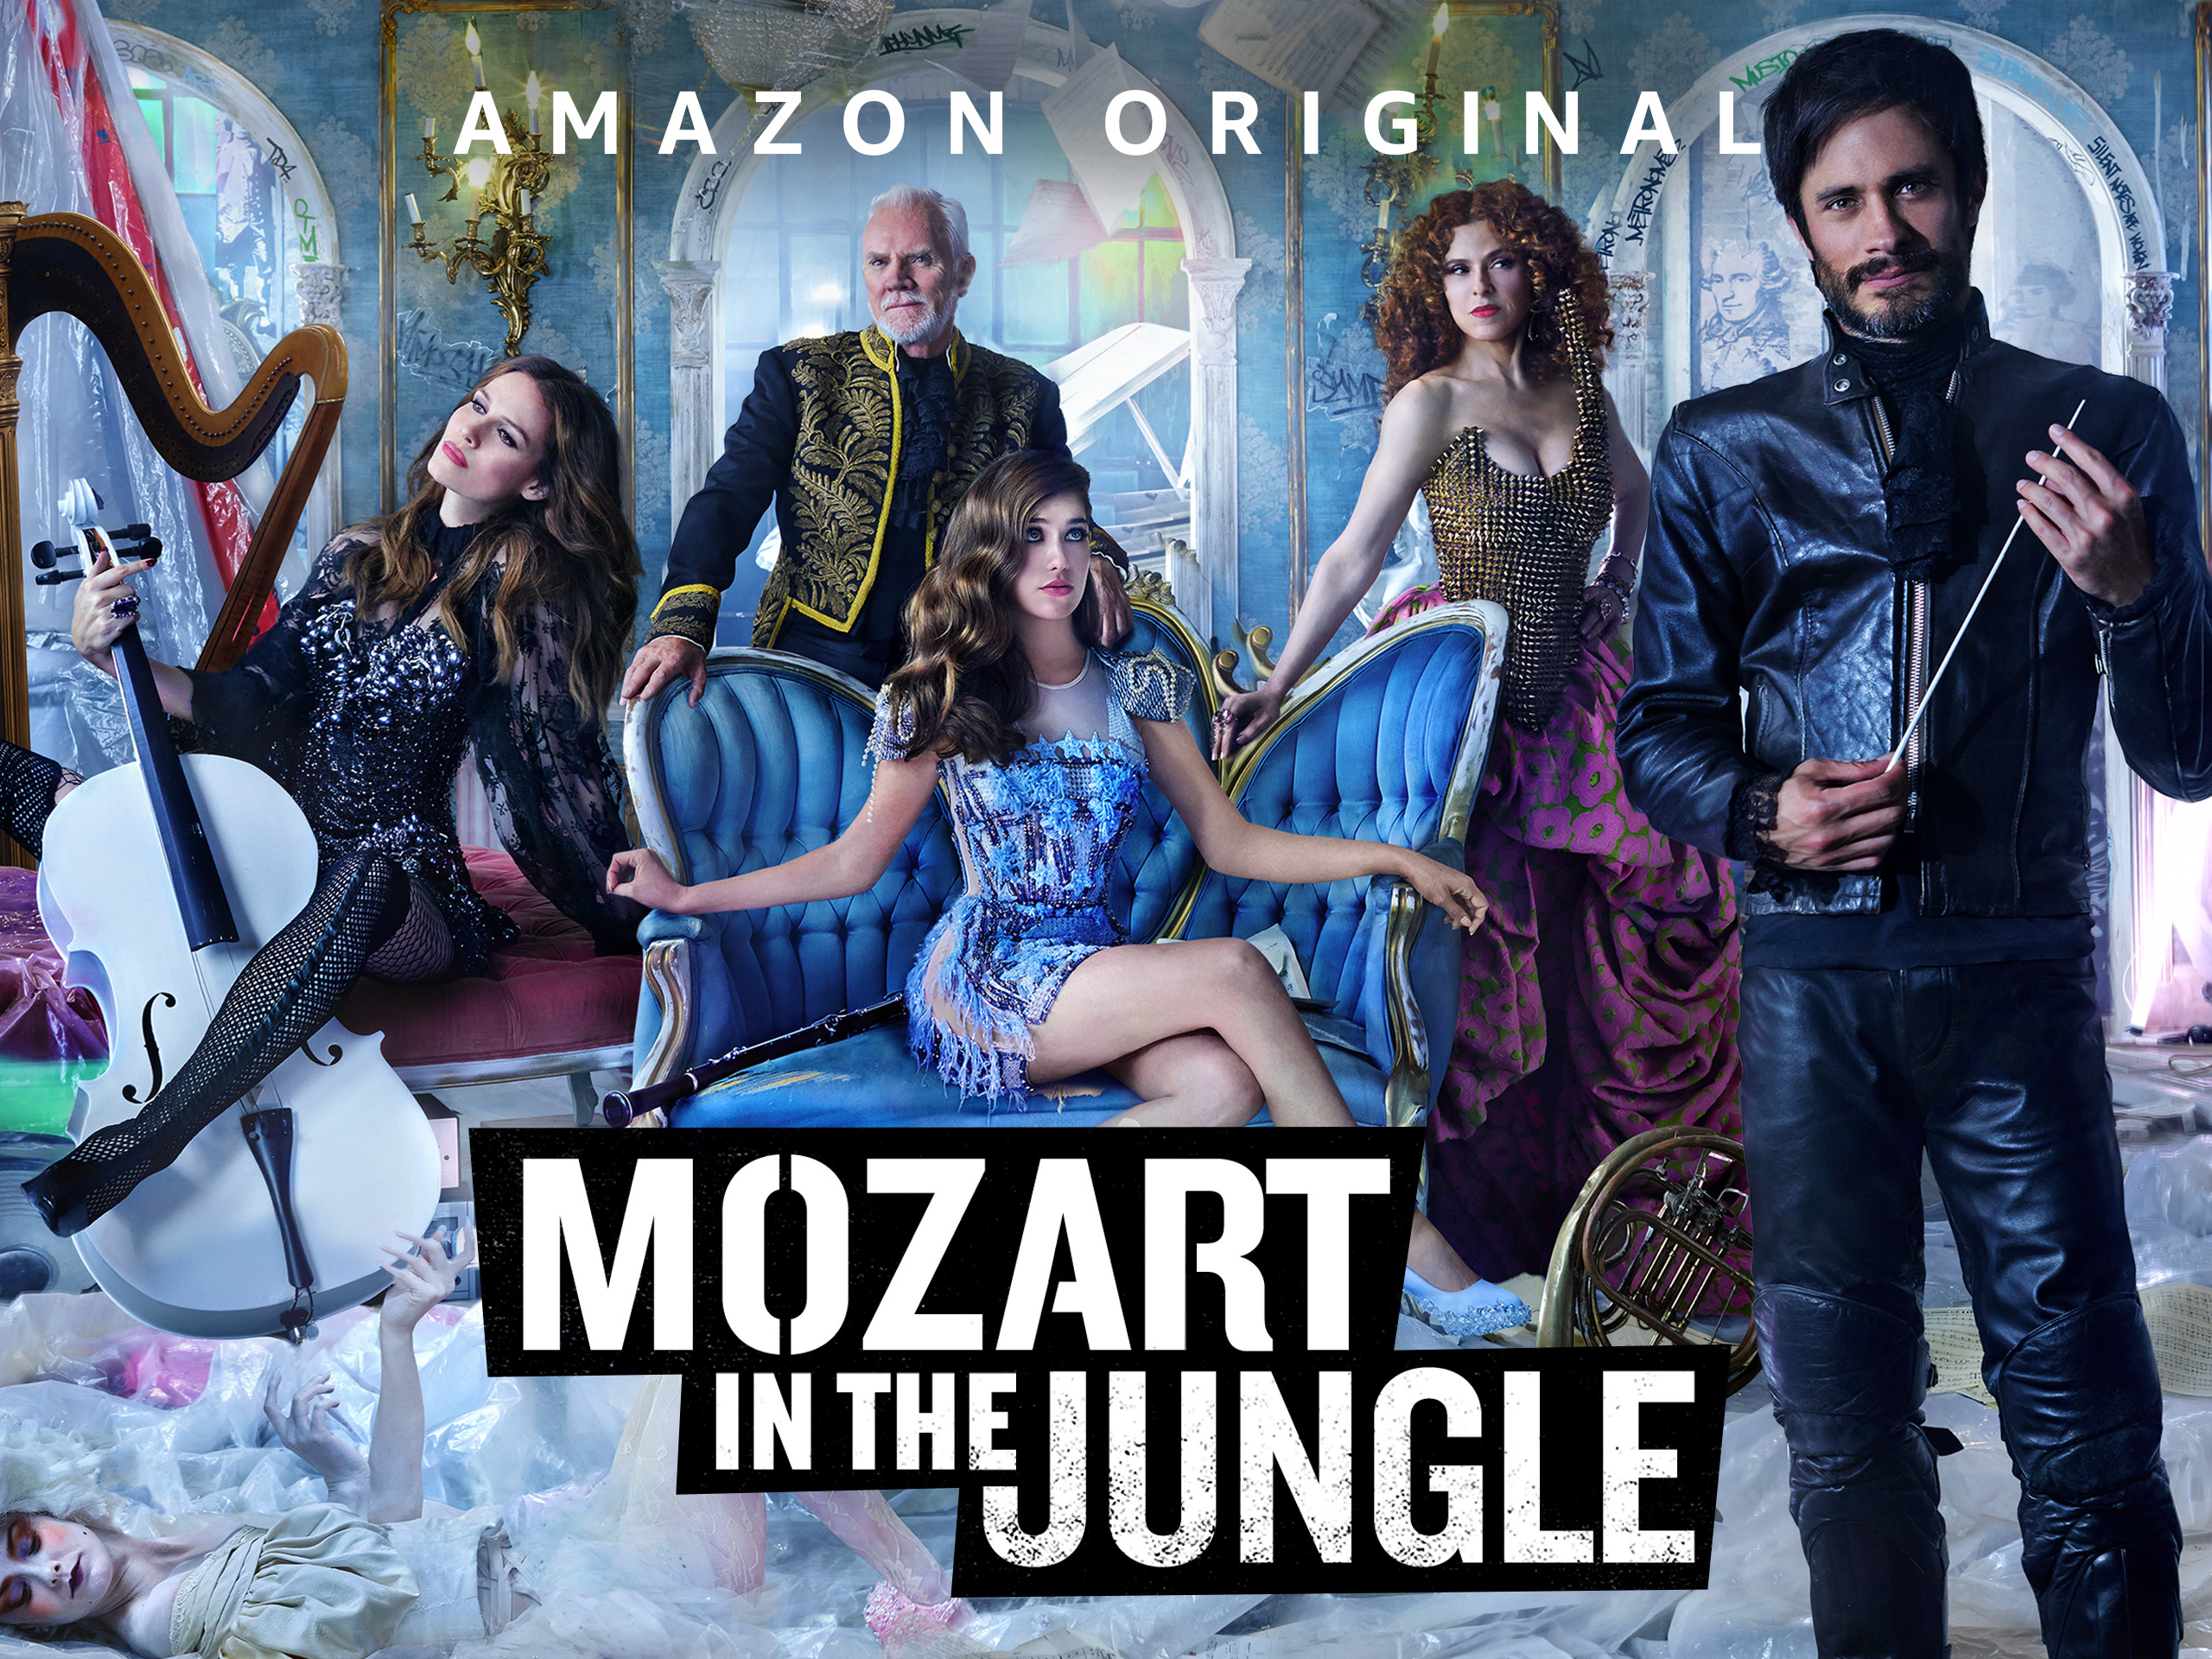 Prime Video: Mozart in the Jungle Season 1